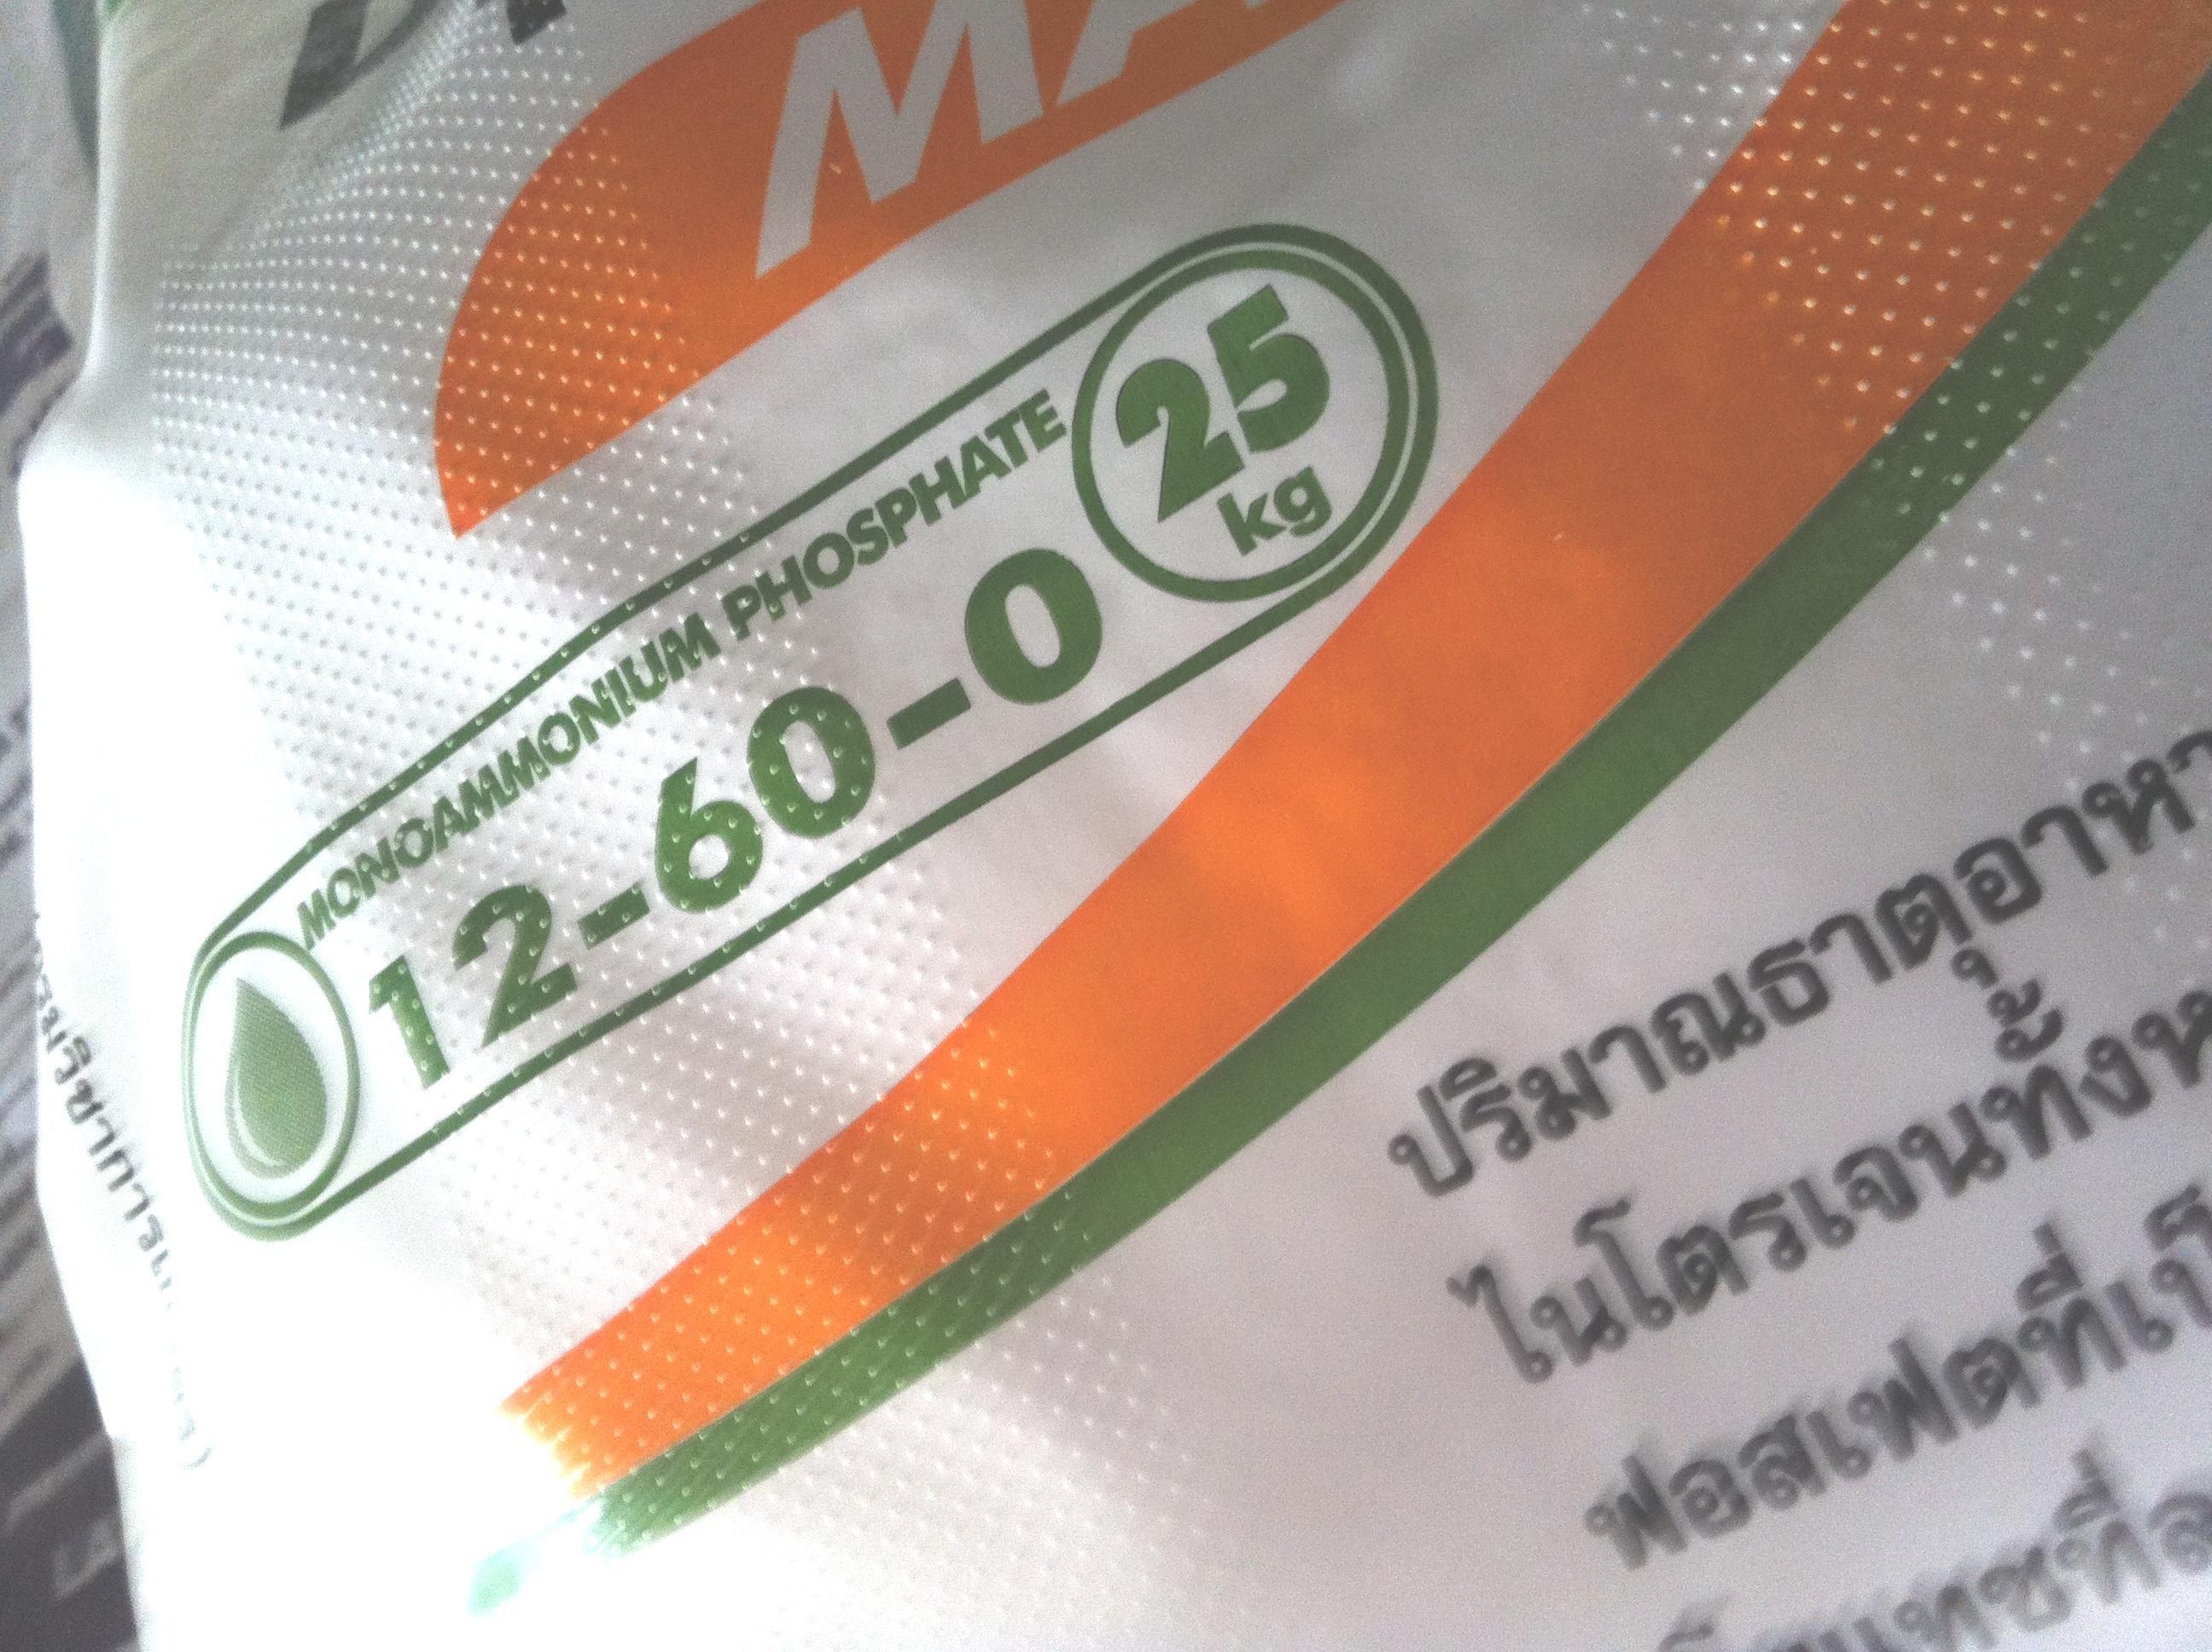 โมโนแอมโมเนียมฟอสเฟต (MAP) 1 kg.